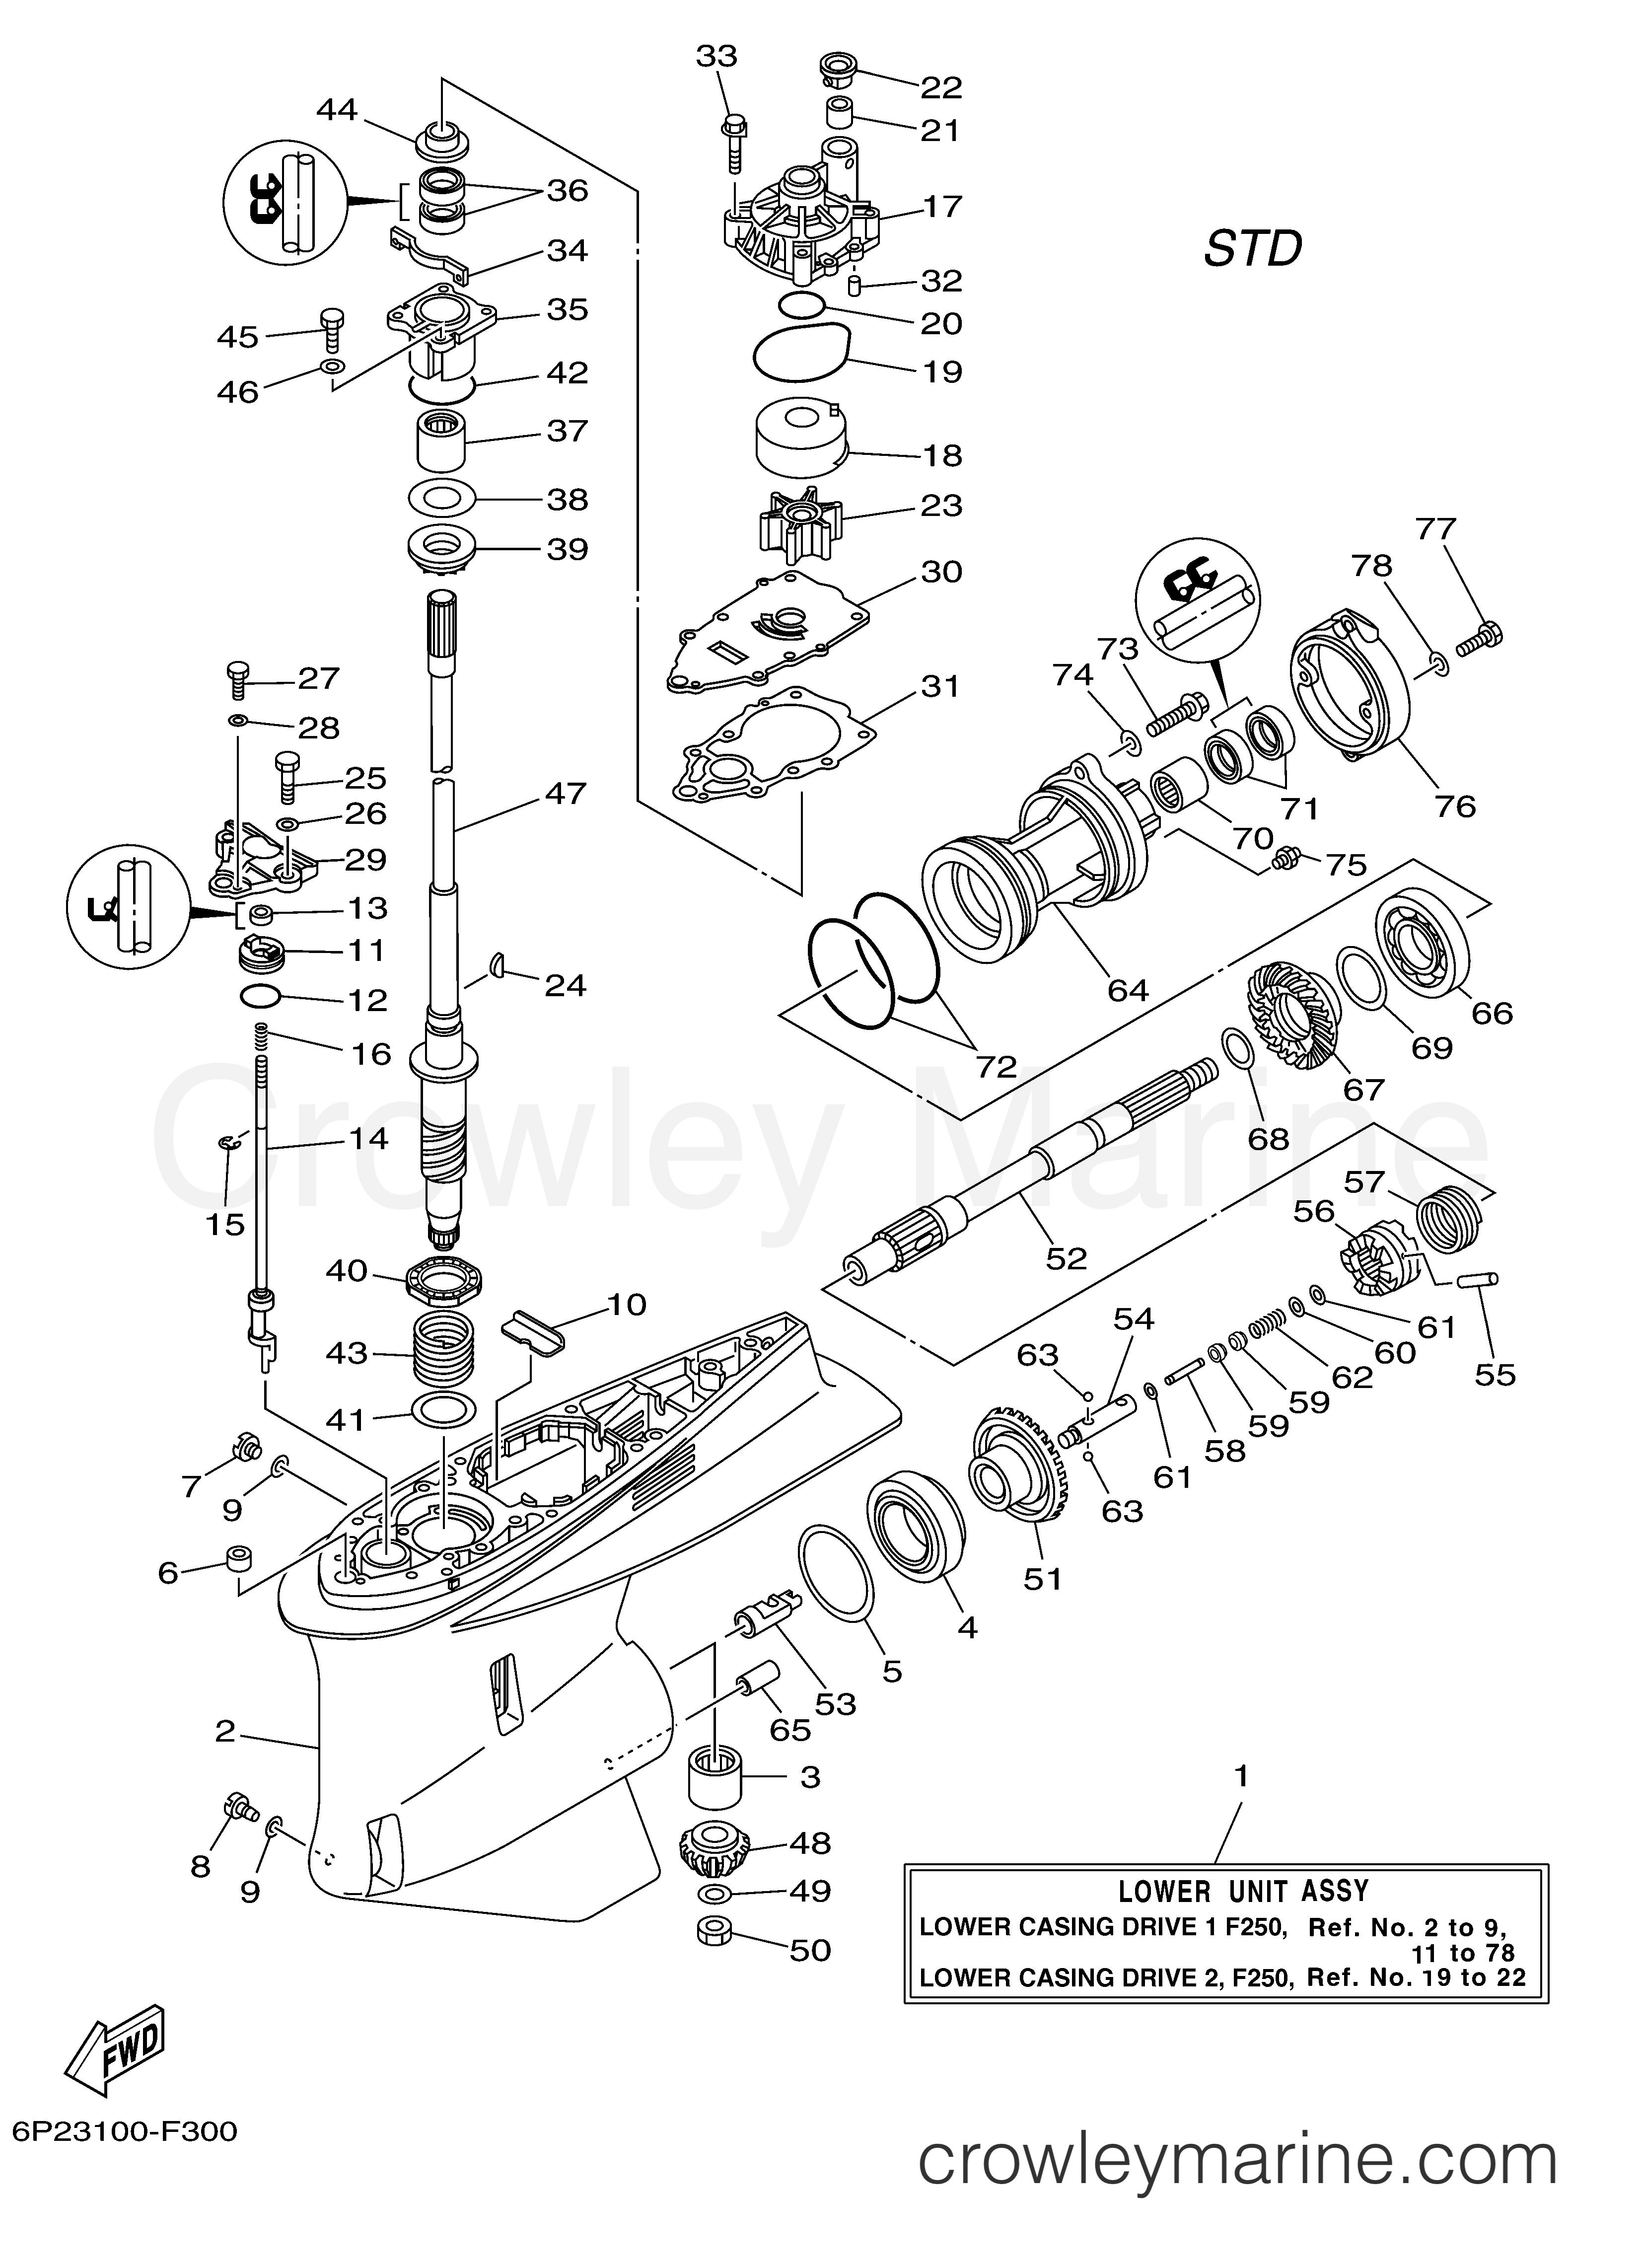 Yamaha OEM Part 6P2-45551-01-00